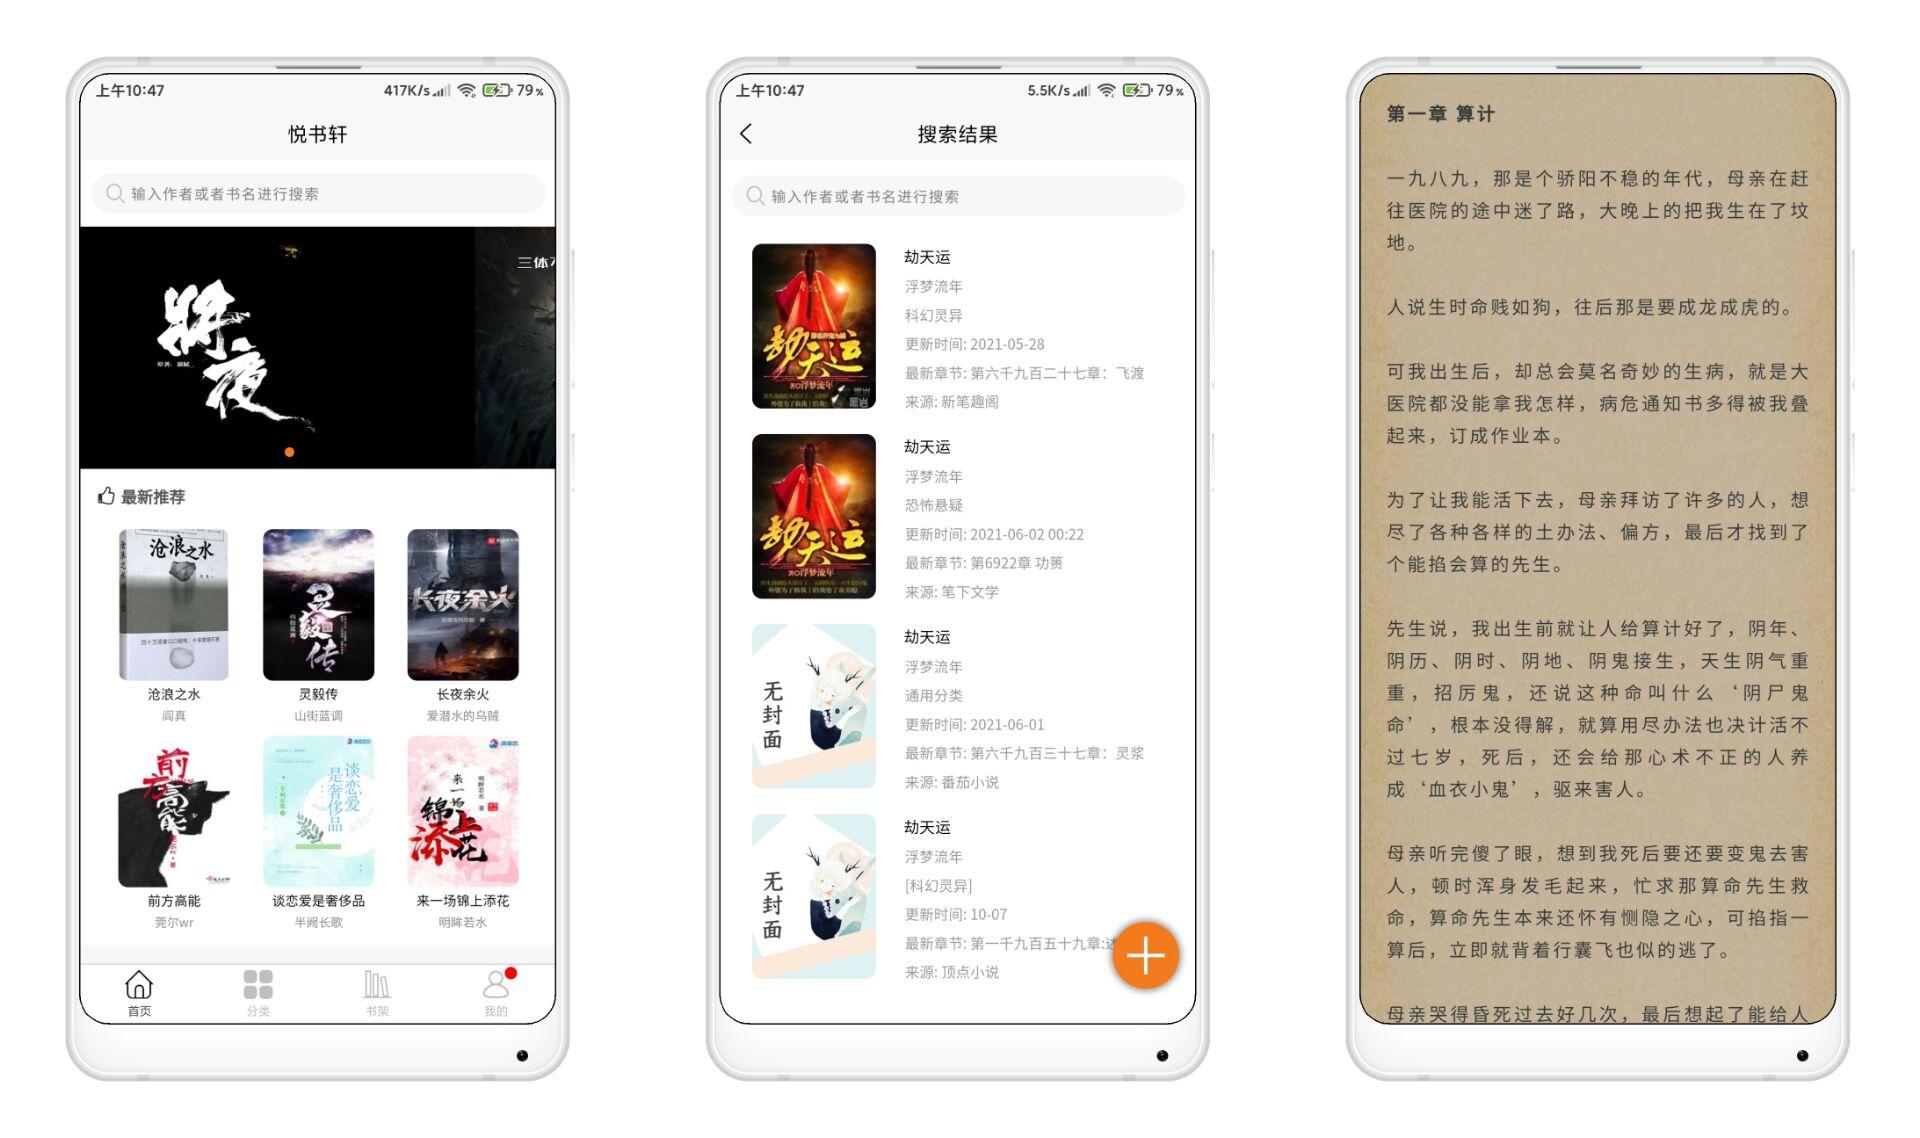 悦书轩V1.0.0绿化版 海量资源去除广告